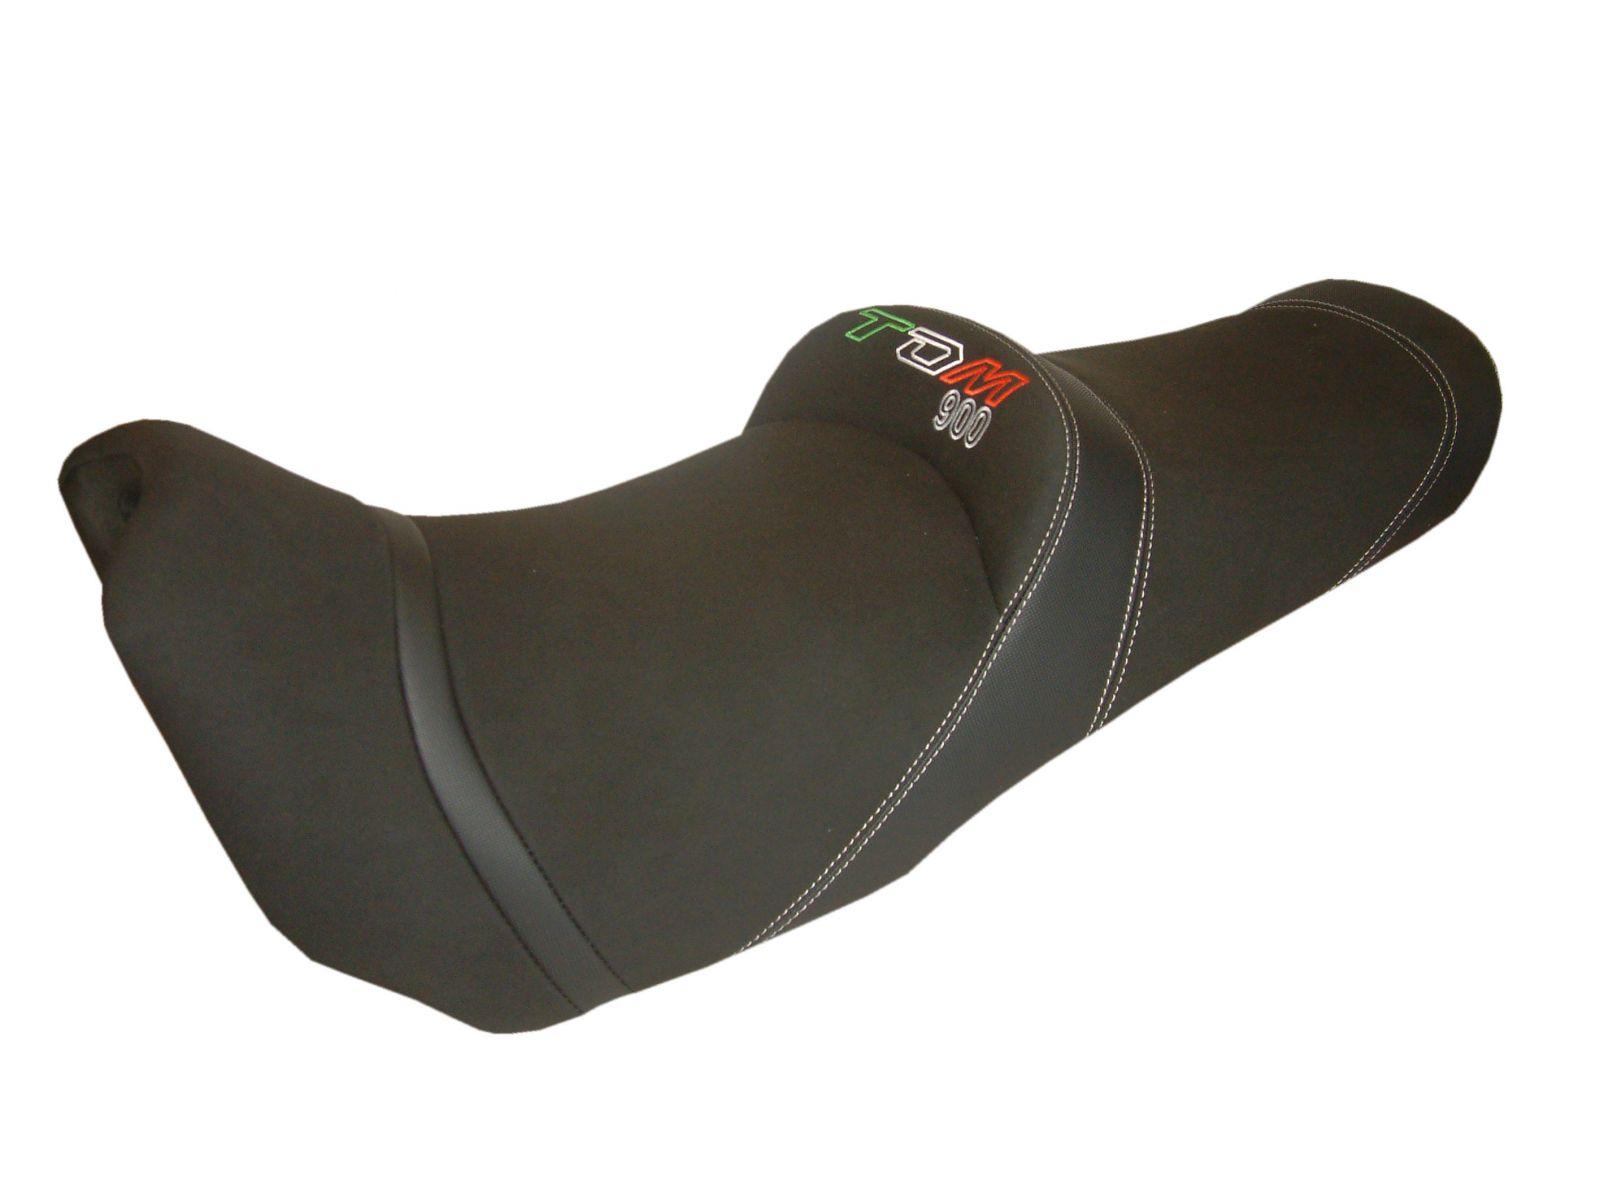 Deluxe seat SGC3816 - YAMAHA TDM 900 [≥ 2002]